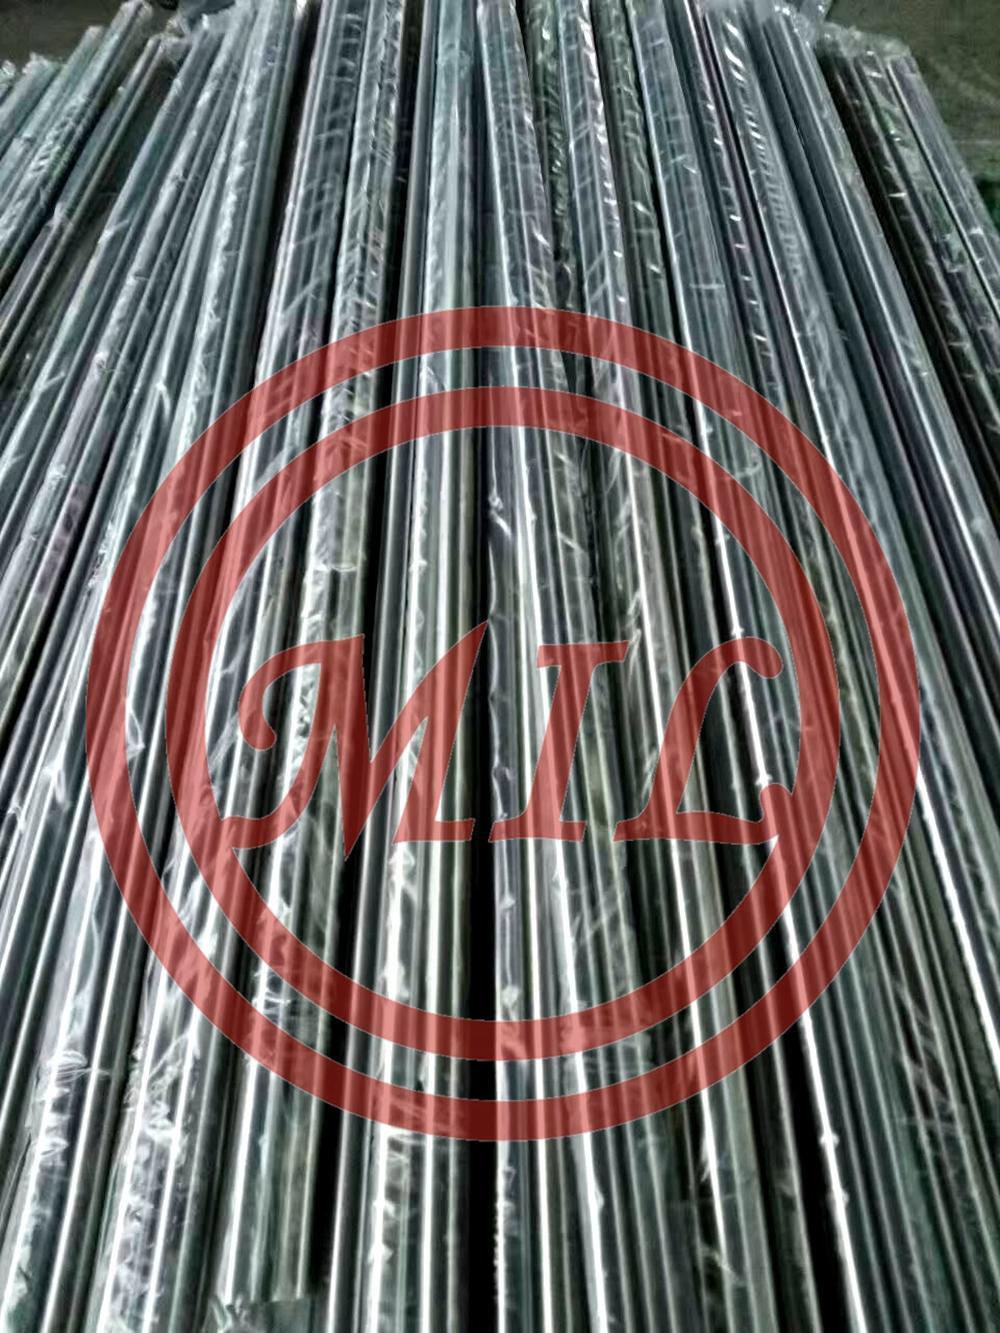 衛生級/醫藥級不鏽鋼管 8